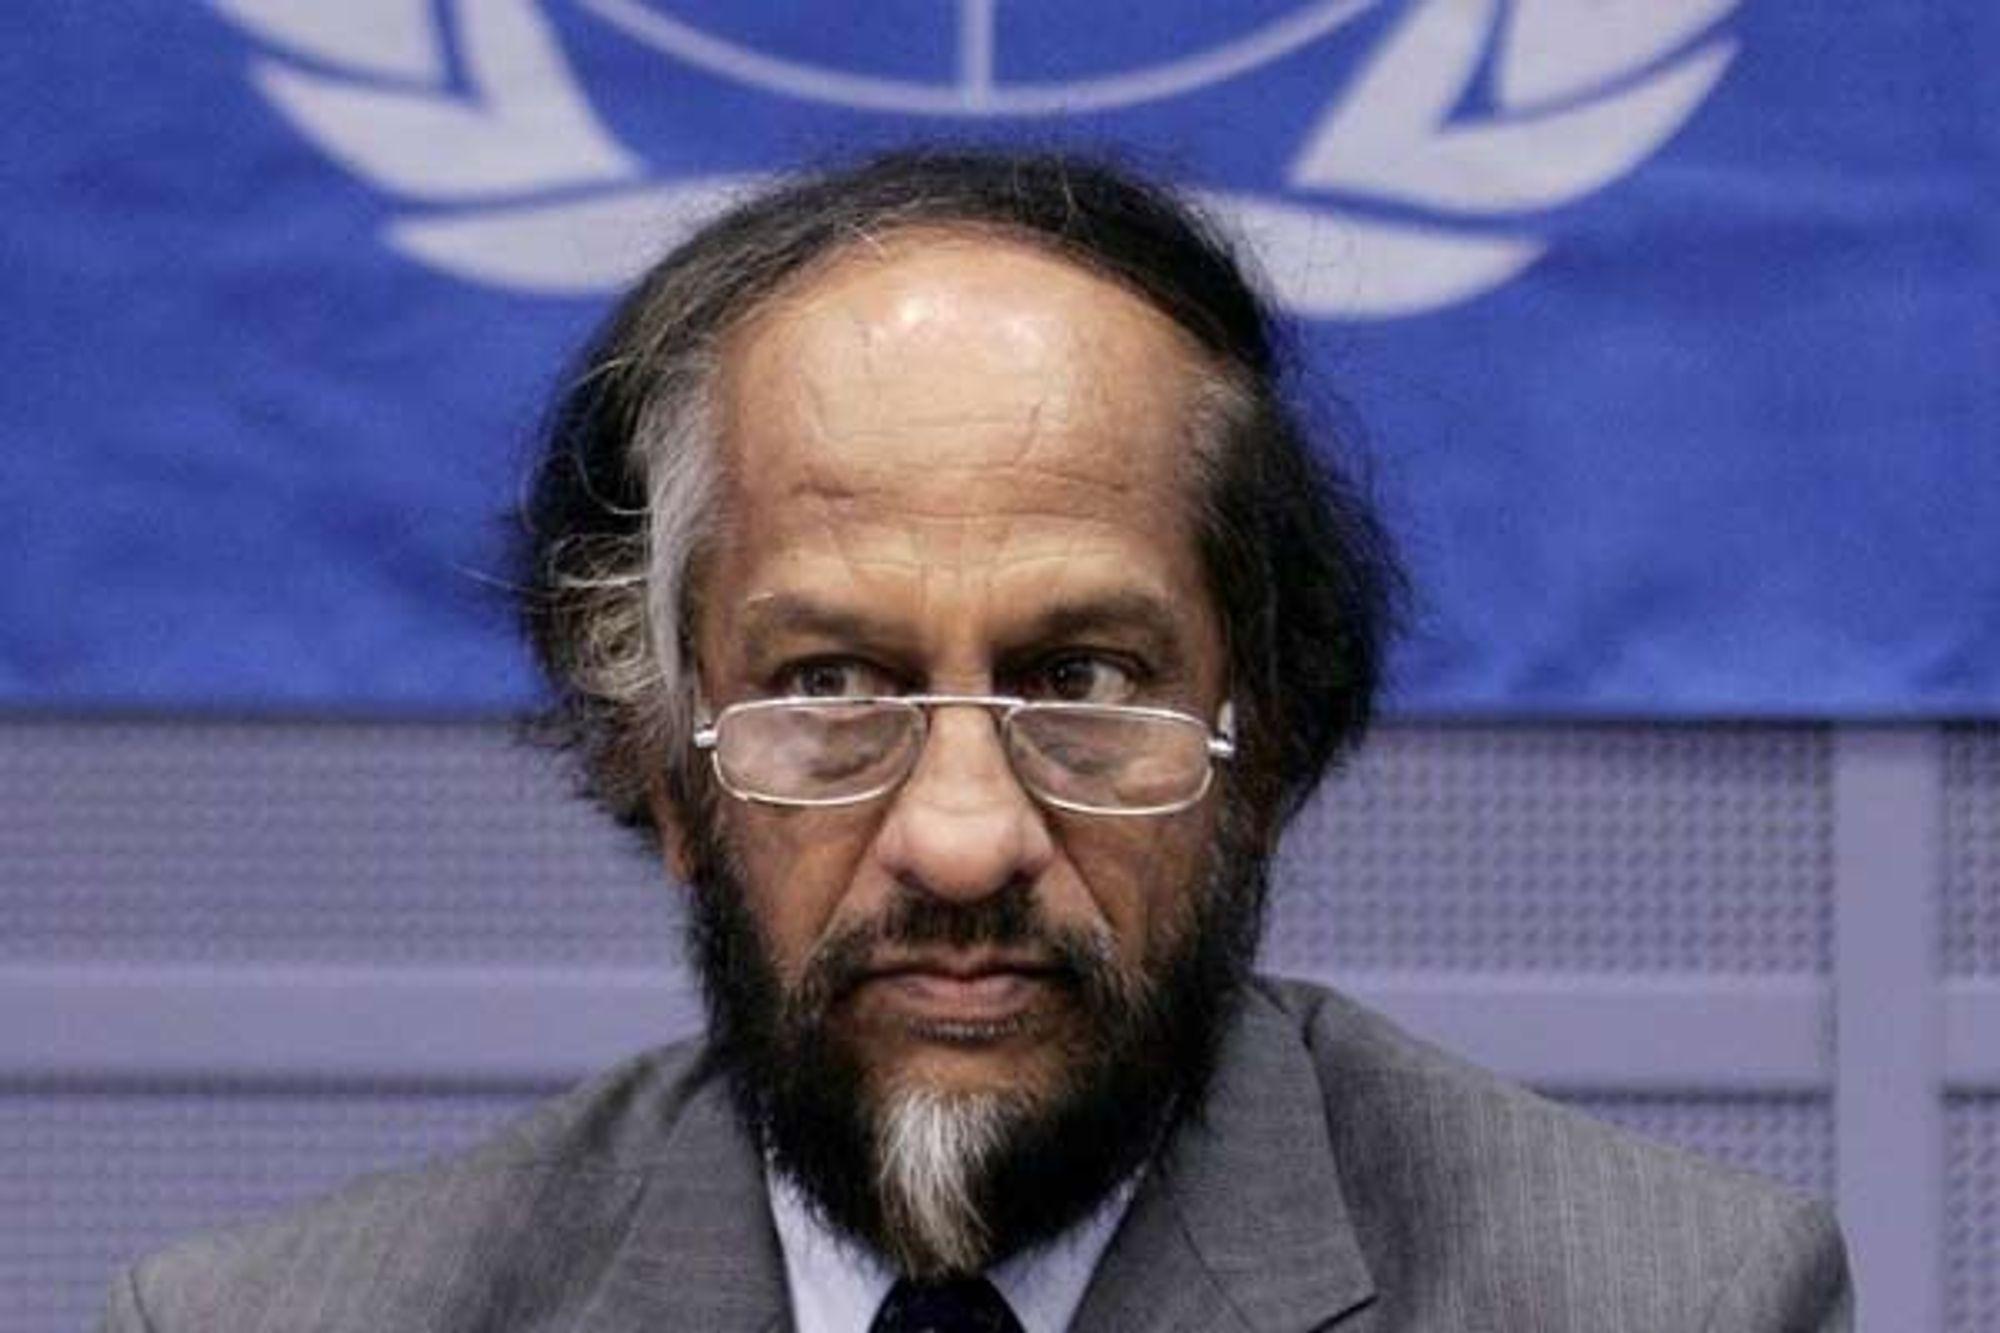 FRITTALENDE: Rajendra Pachauri er utdannet sivilingeniør, og er kjent som en svært frittalende leder av FNs klimapanel.